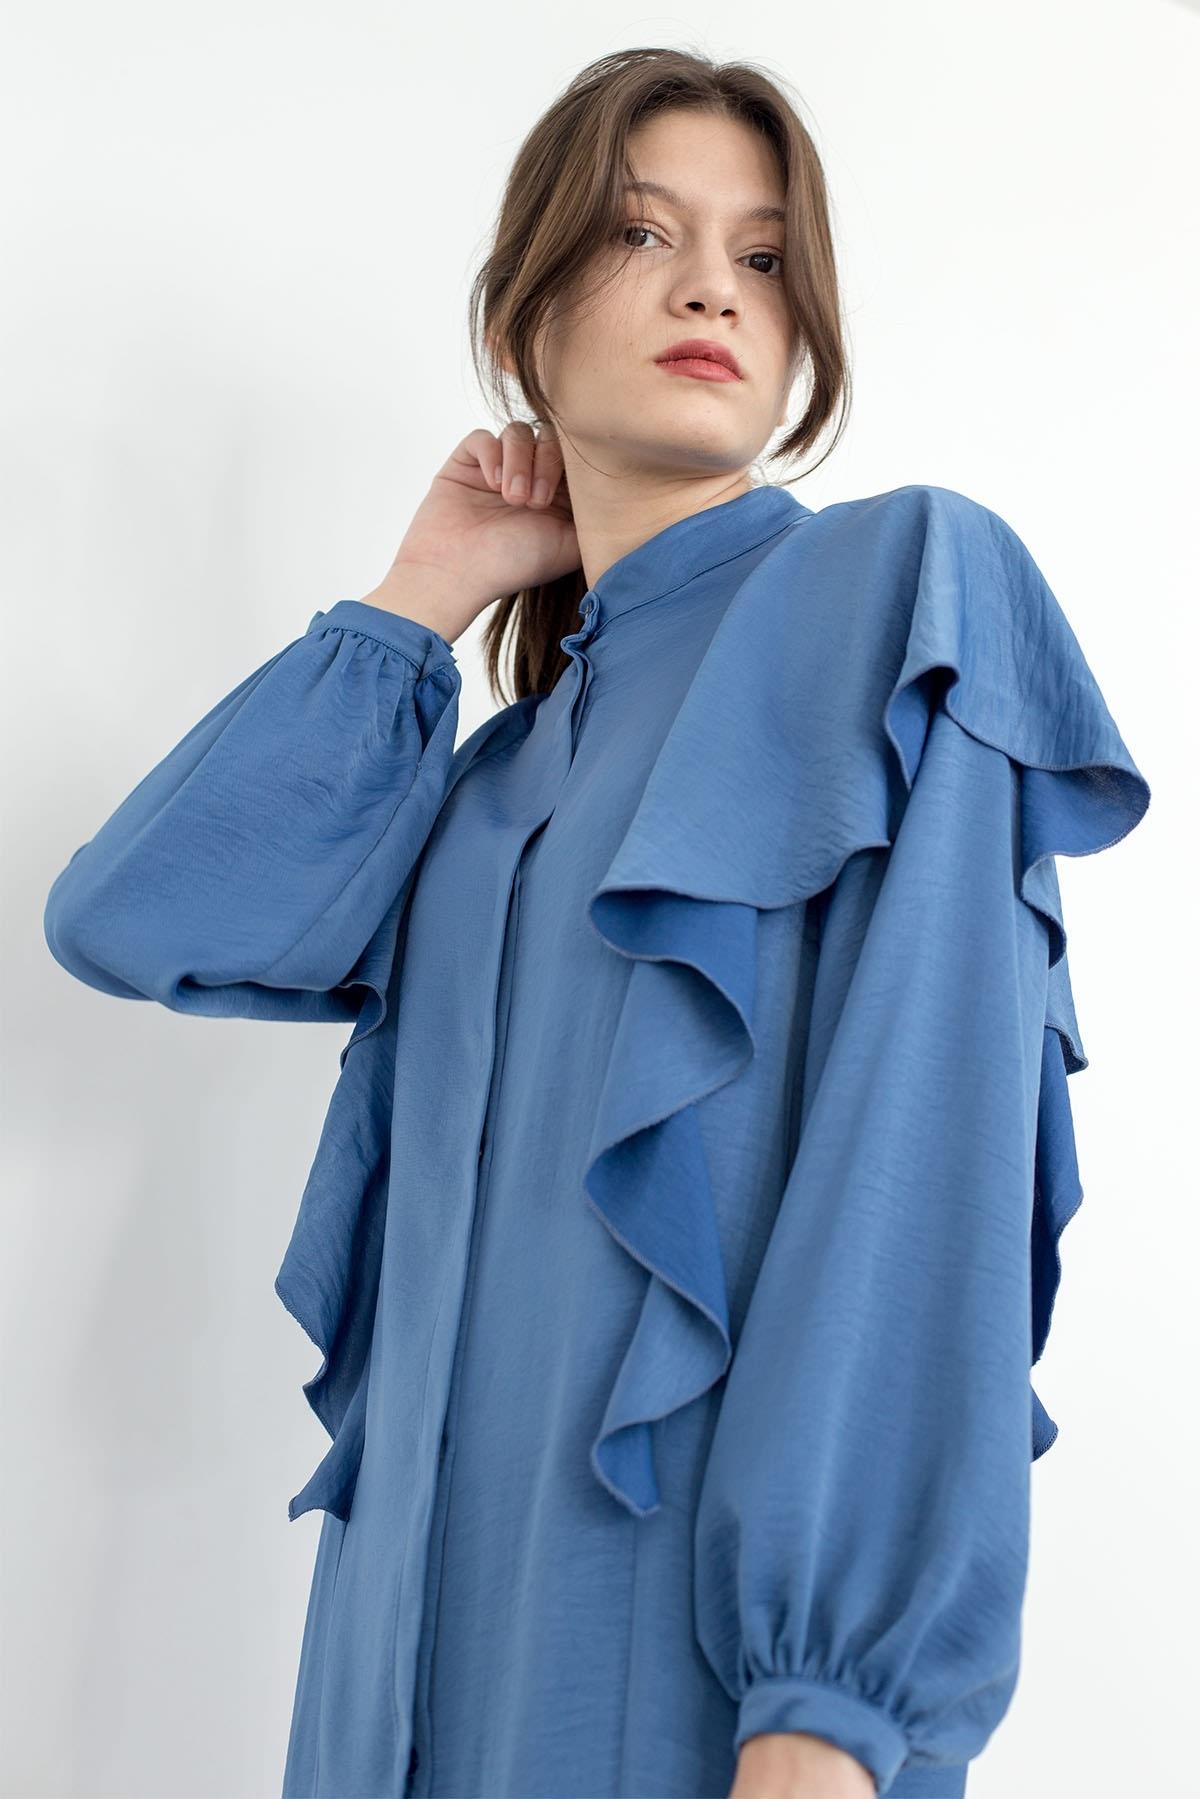 Mevra - Volanlı Elbise İndigo